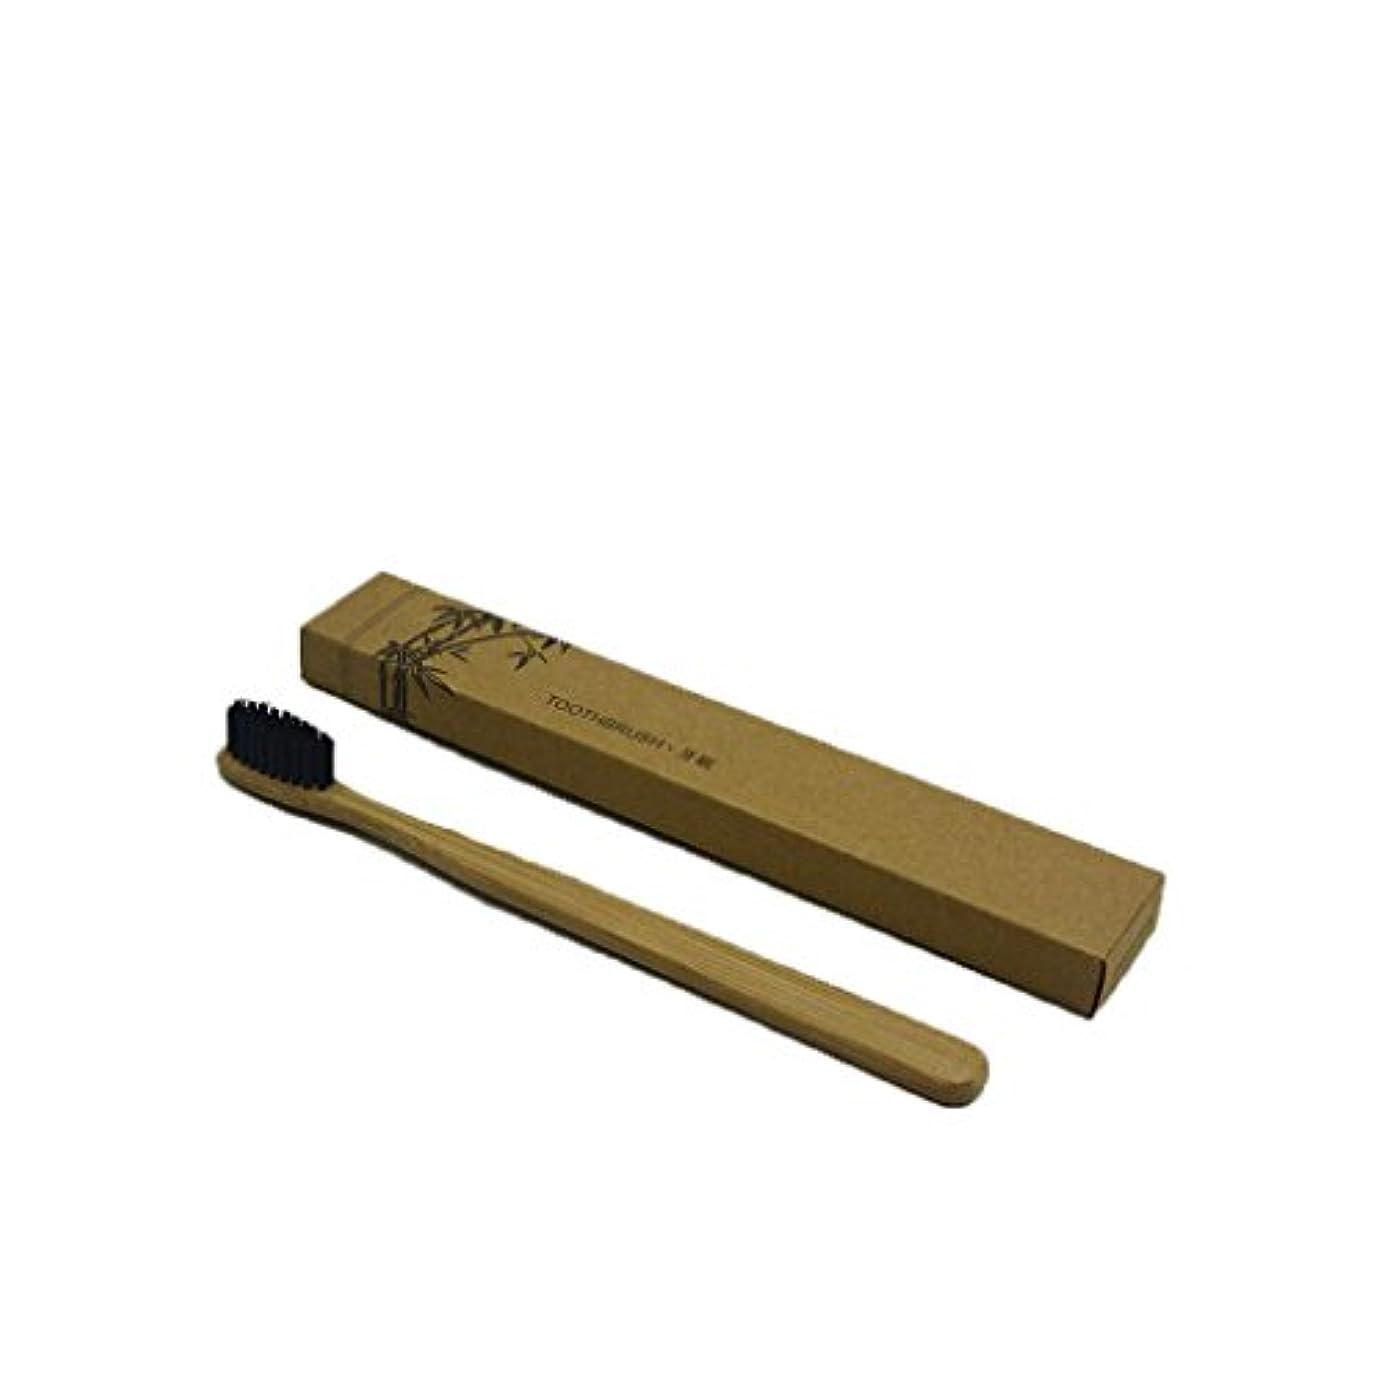 閉じ込めるオリエンタルマーチャンダイジングArichops 竹製歯ブラシ ミディアム及びソフト、生分解性、ビーガン、バイオ、エコ、持続可能な木製ハンドル、ホワイトニング 歯 竹歯ブラシ